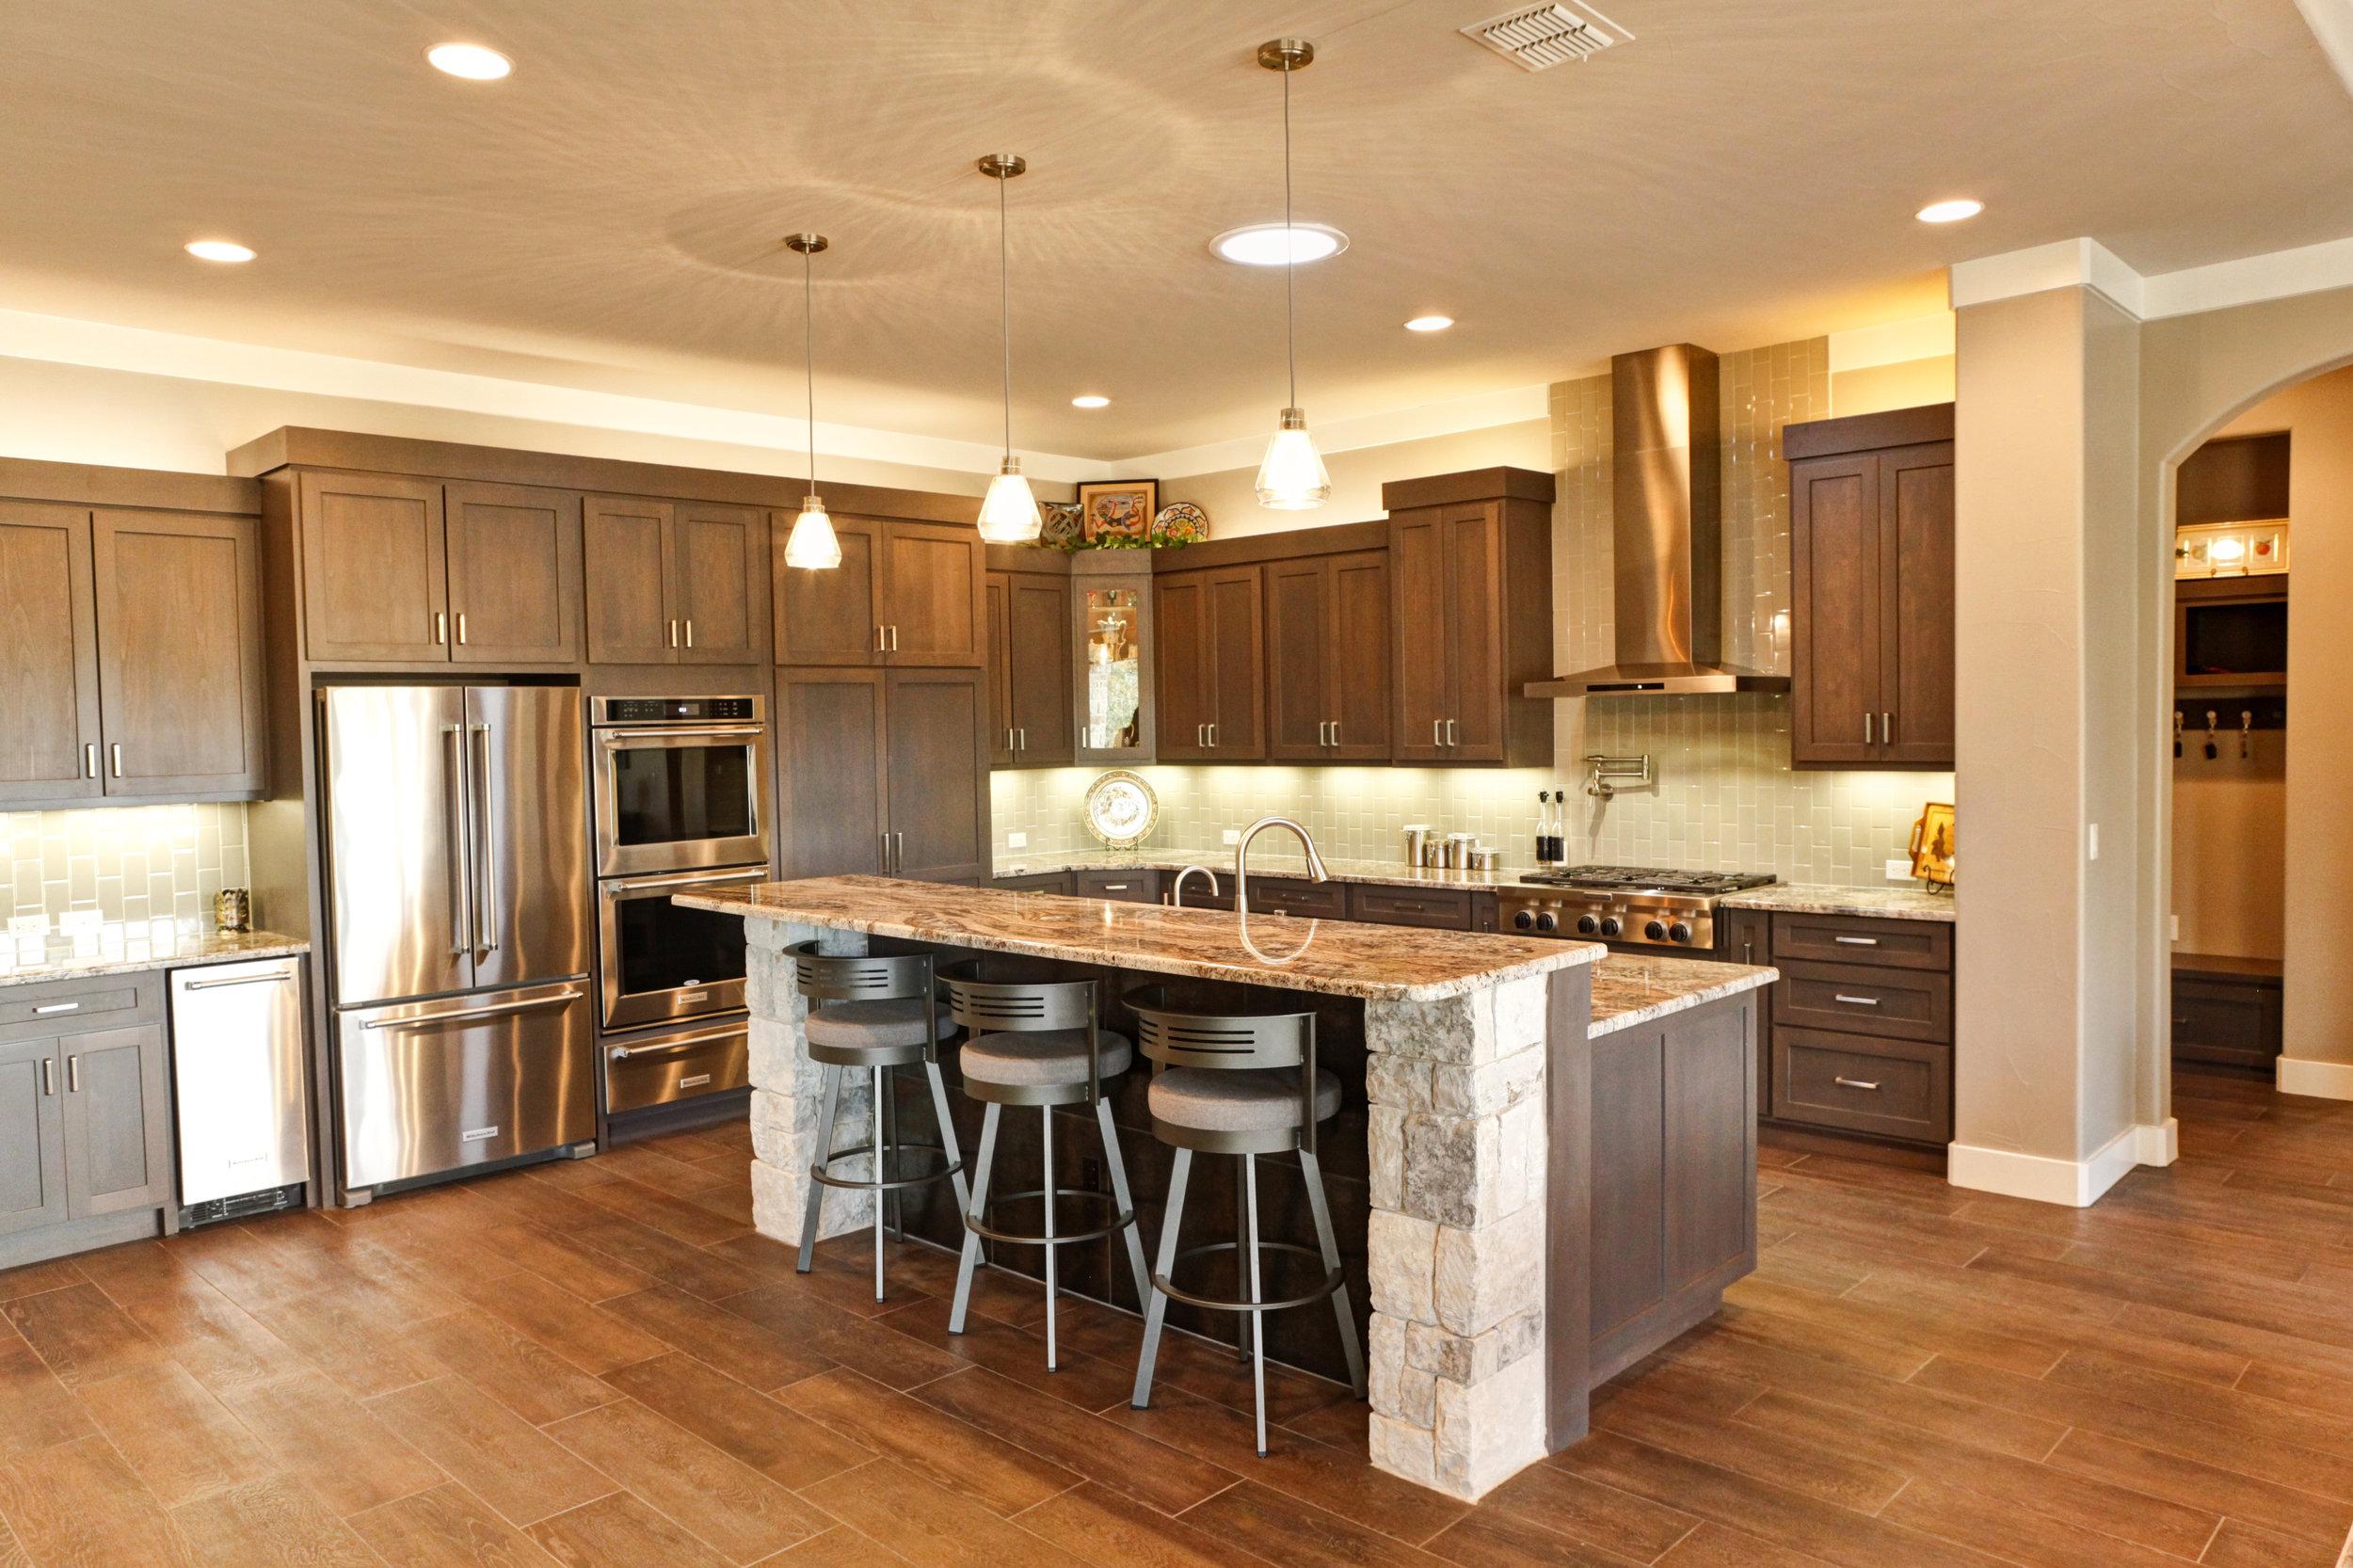 15-kitchen - 2.jpg